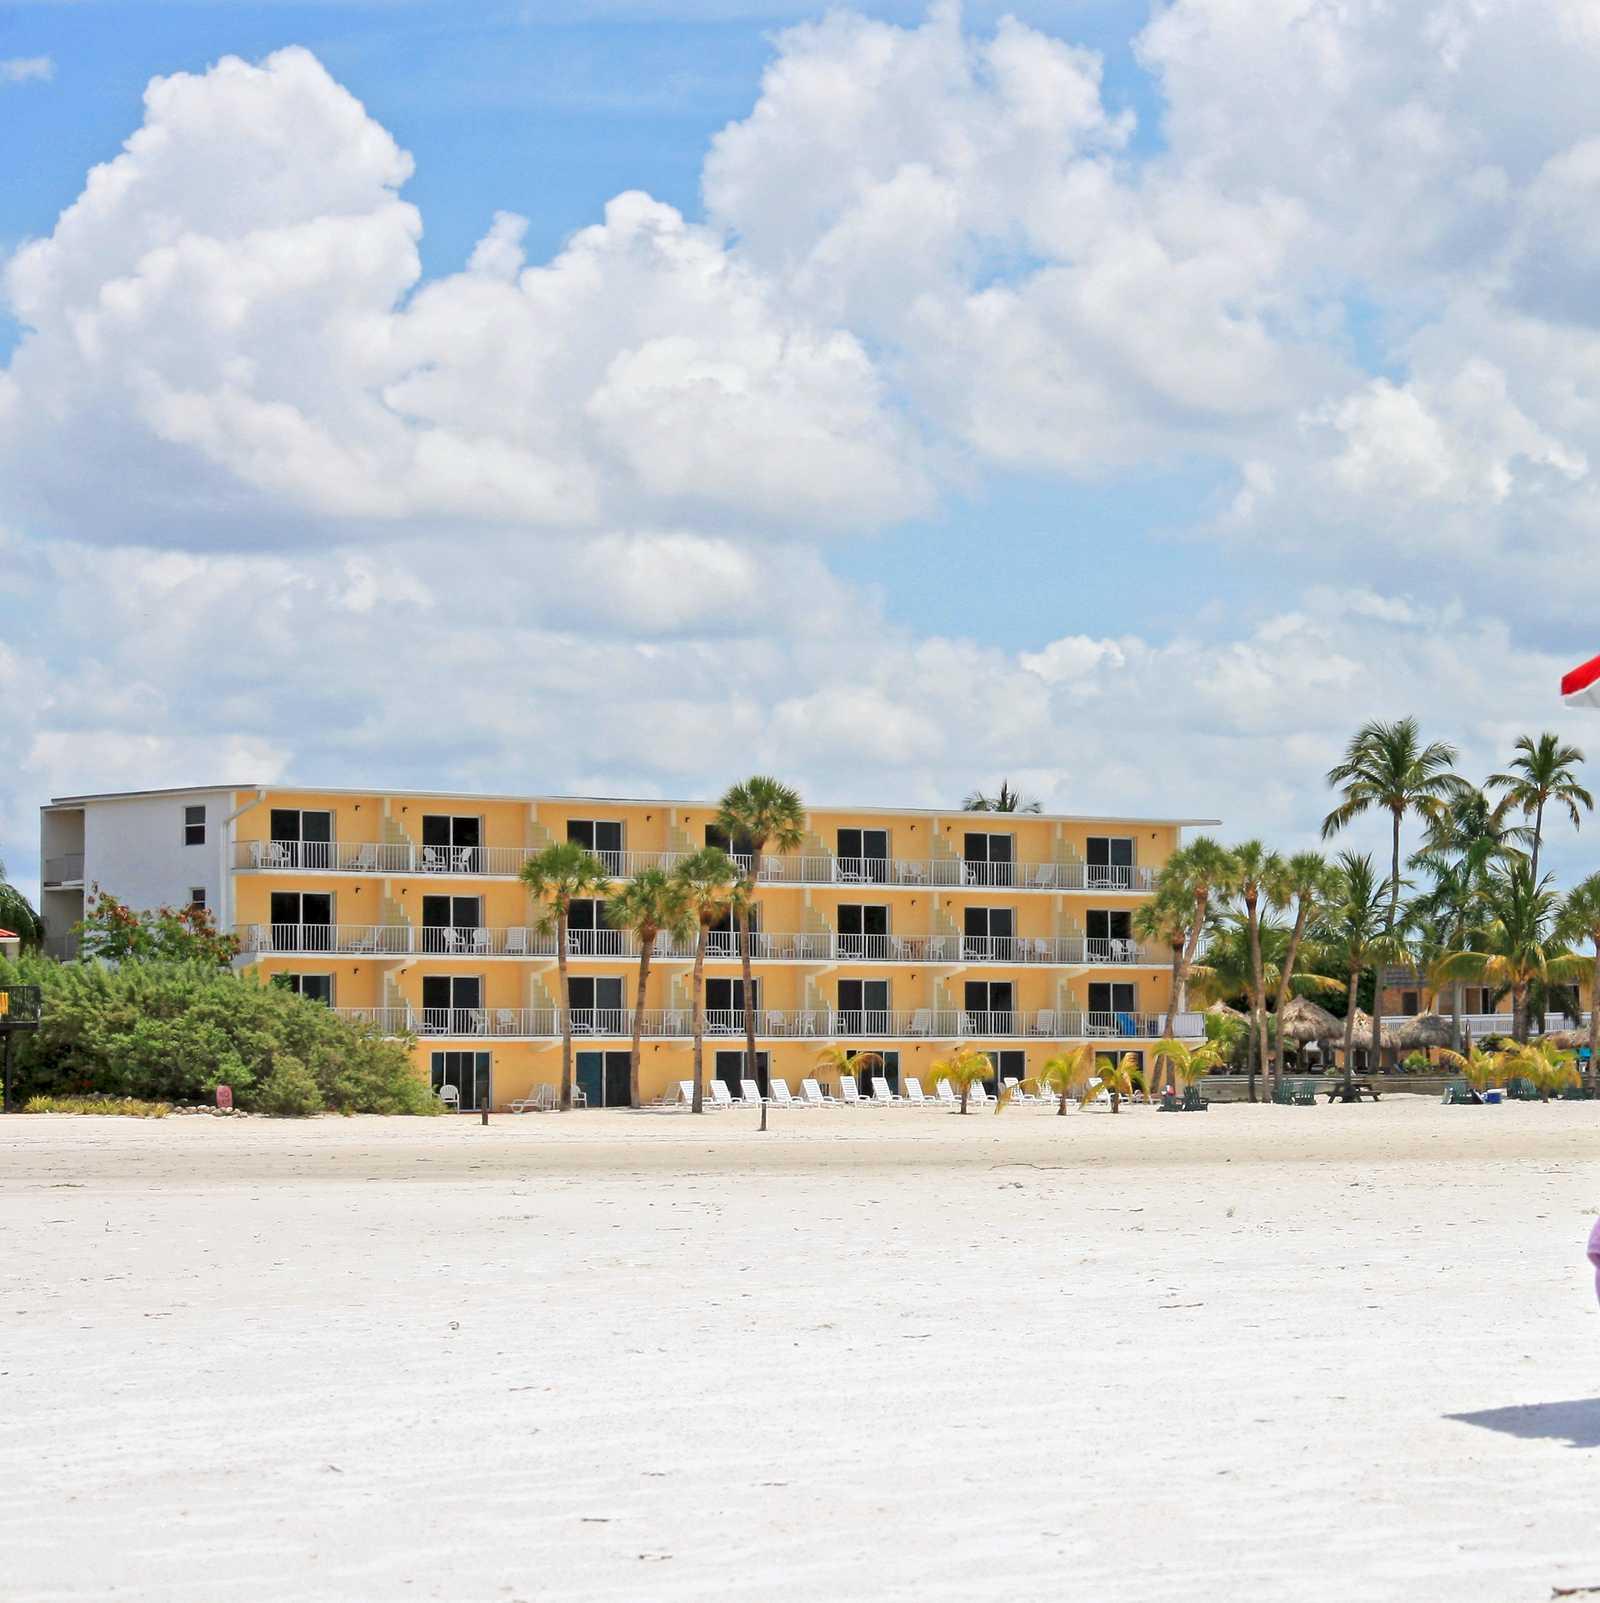 Hotel, Florida: Outrigger Beach Resort   CANUSA